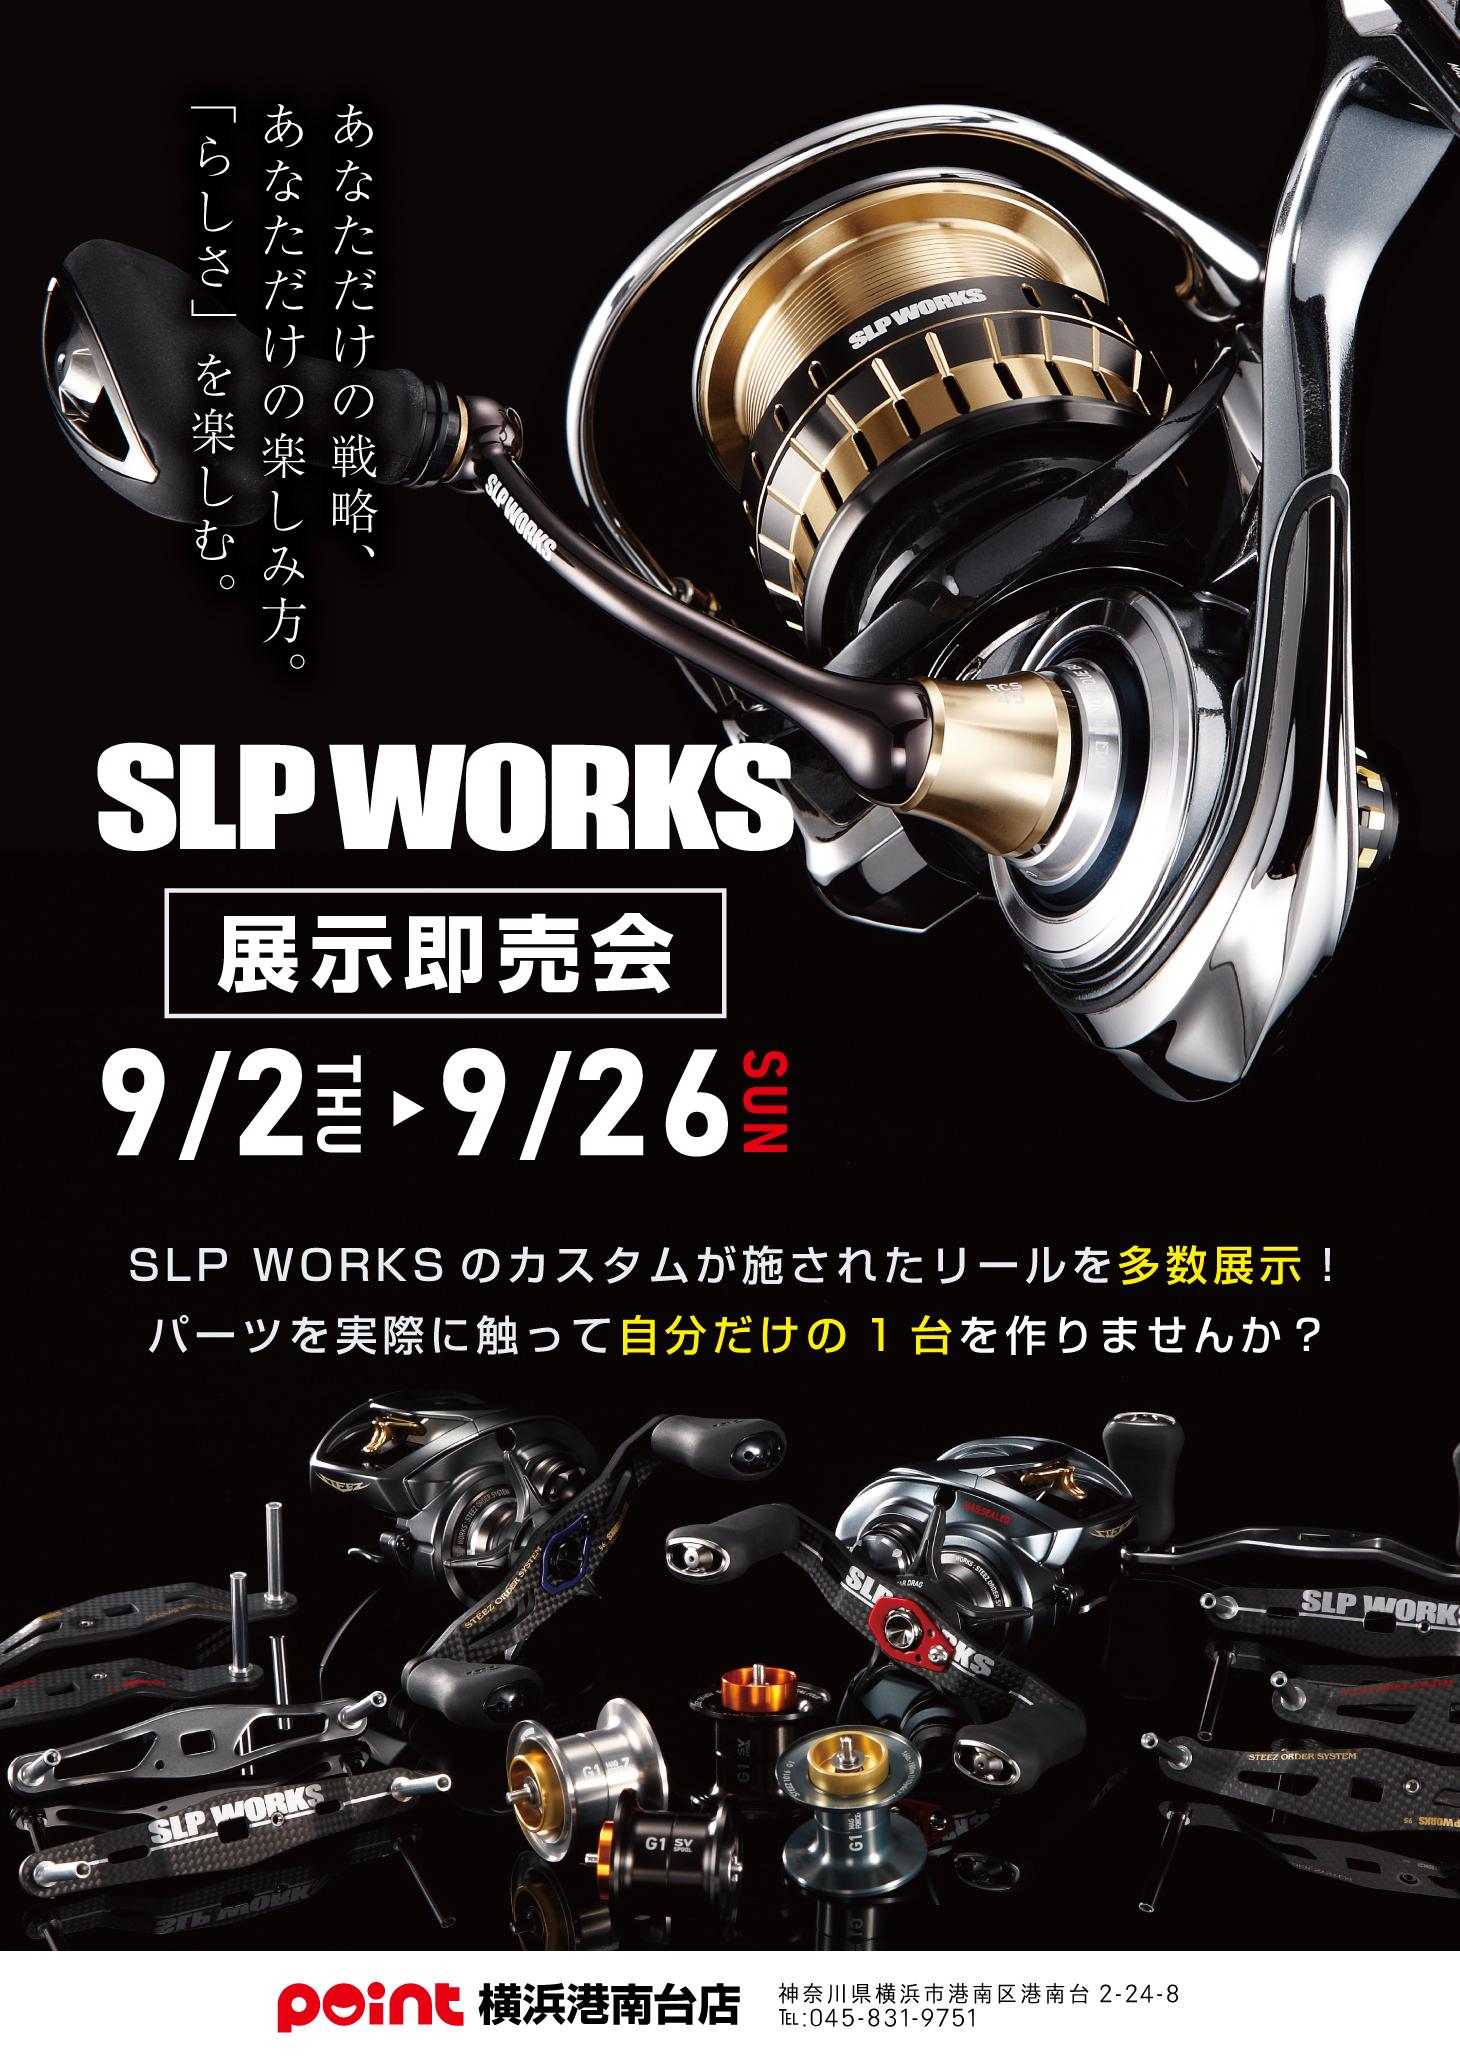 Slpw展示会 港南台